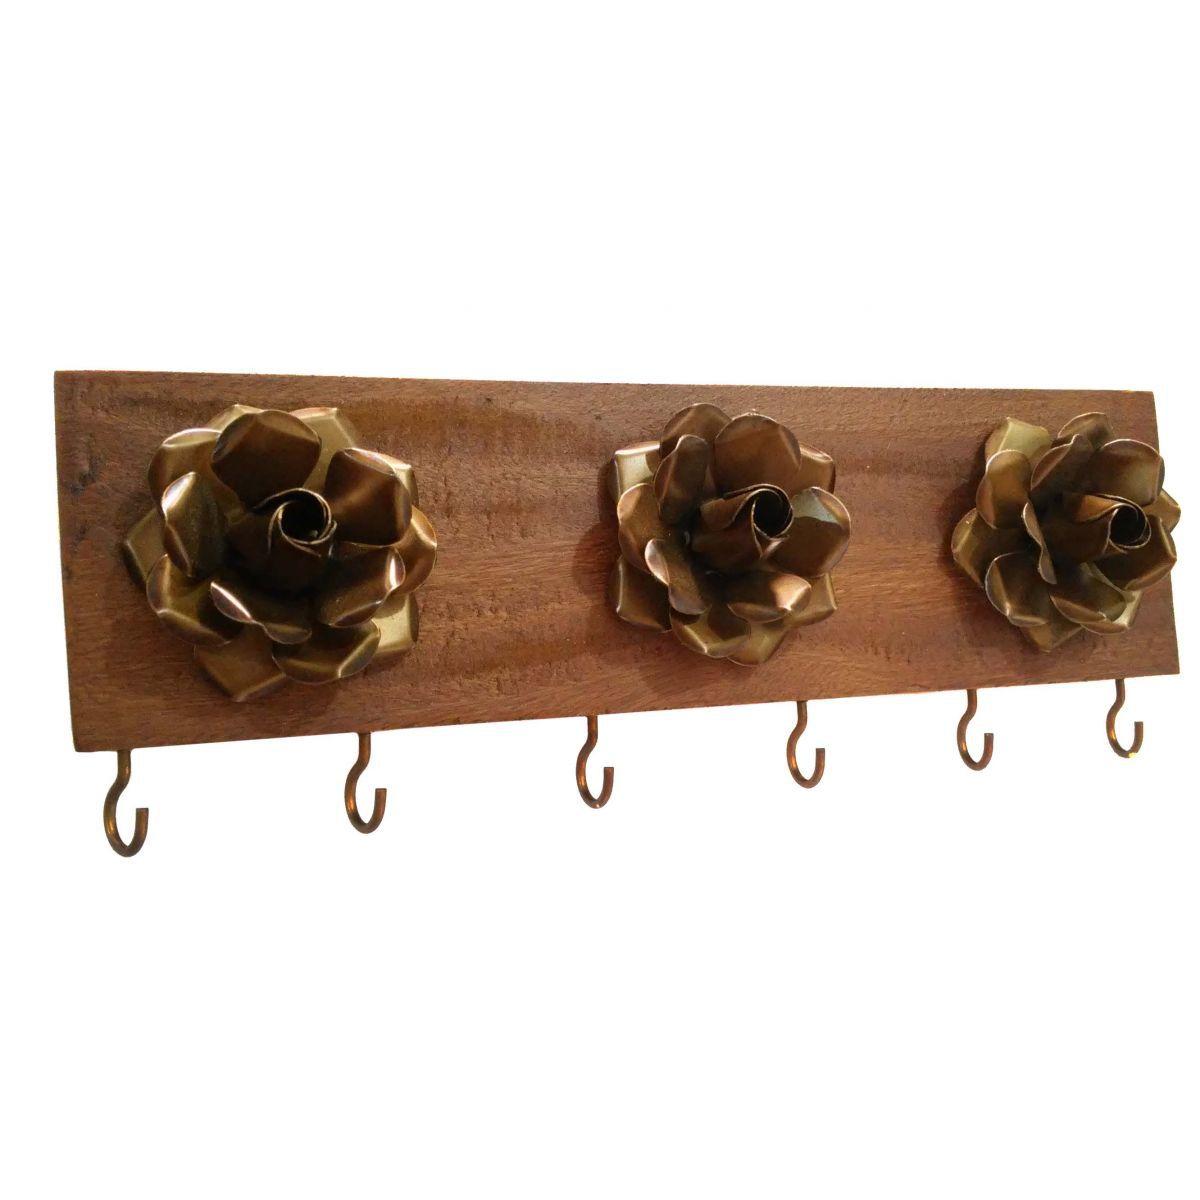 Porta Chaves Criativo em Ferro e Madeira Artesanal Decoração com Flores